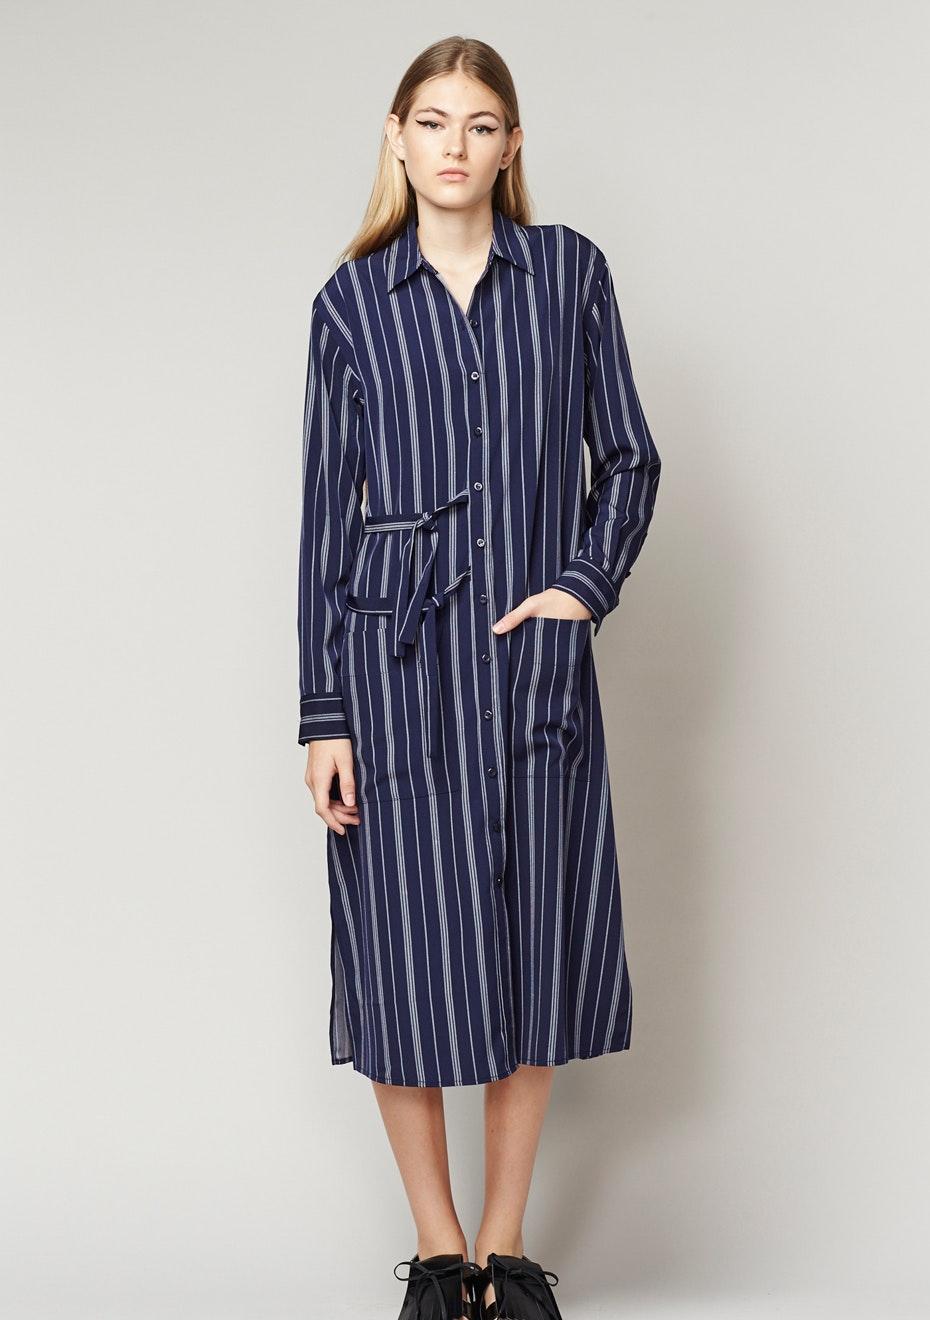 Achro - Striped Long Sleeve Buttondown Shirt Dress - Navy